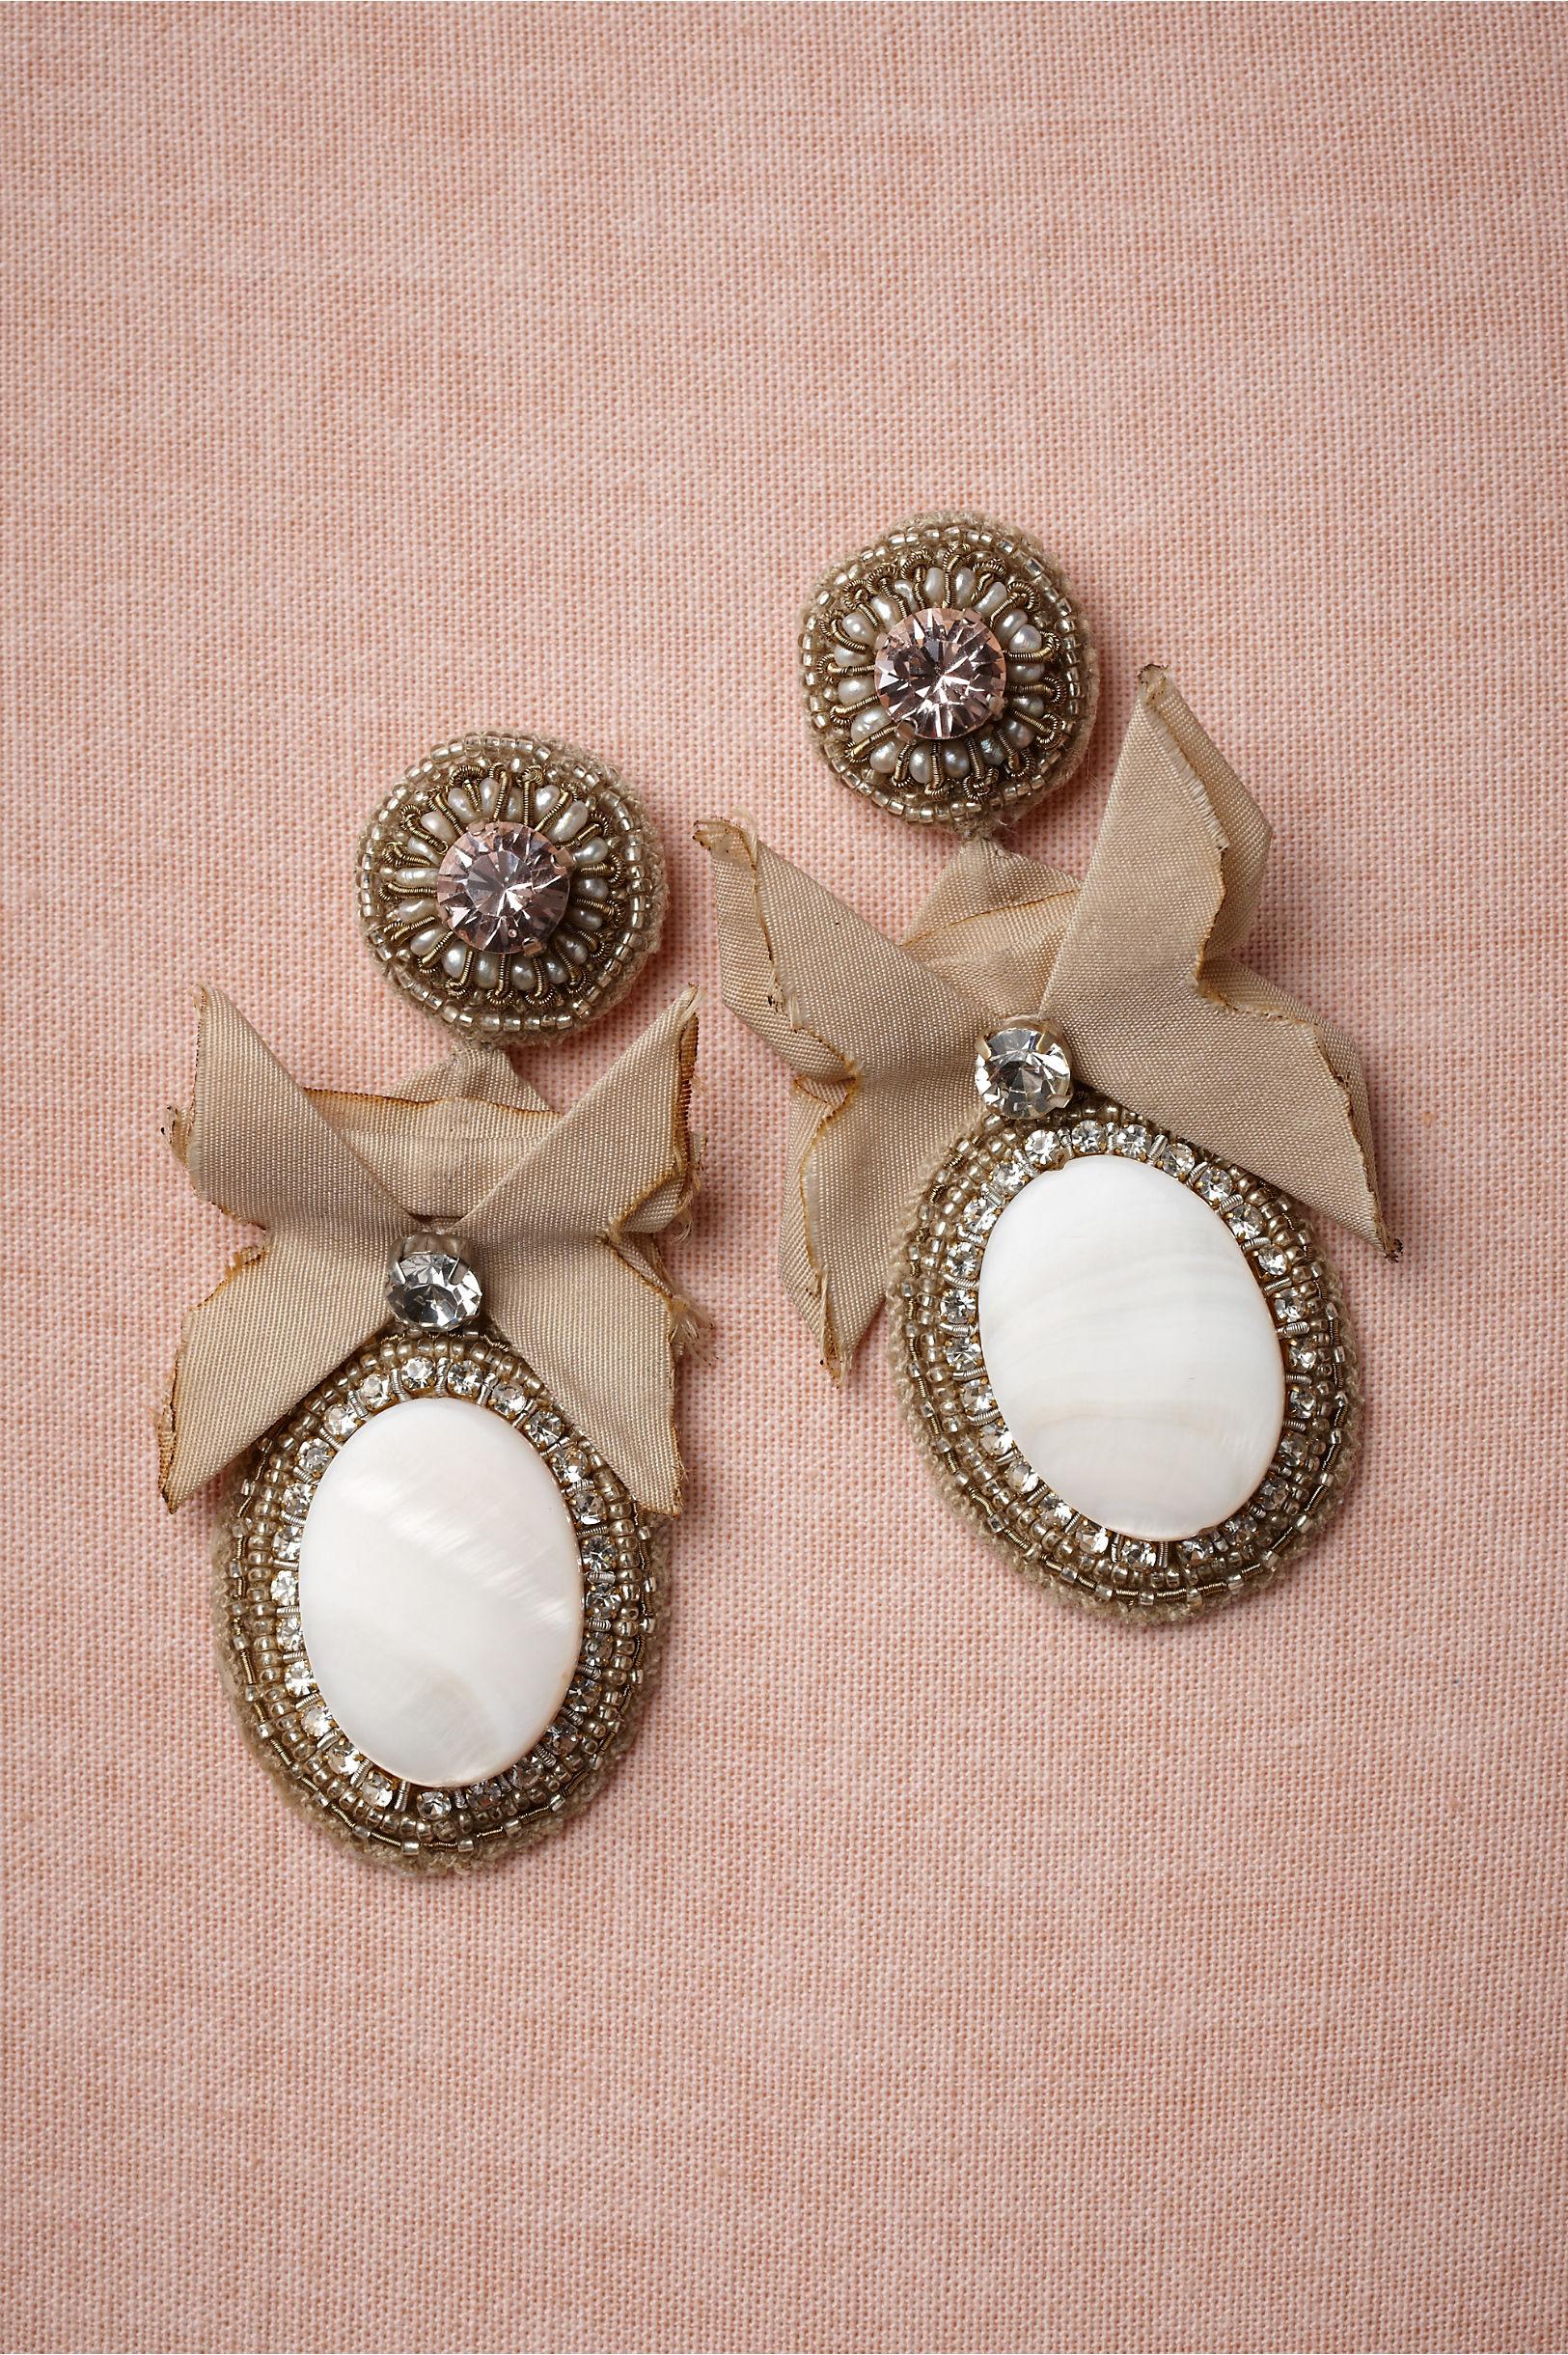 dodatki ślubne BOHO romantyczna kwiatowa trendy ślubne 2013